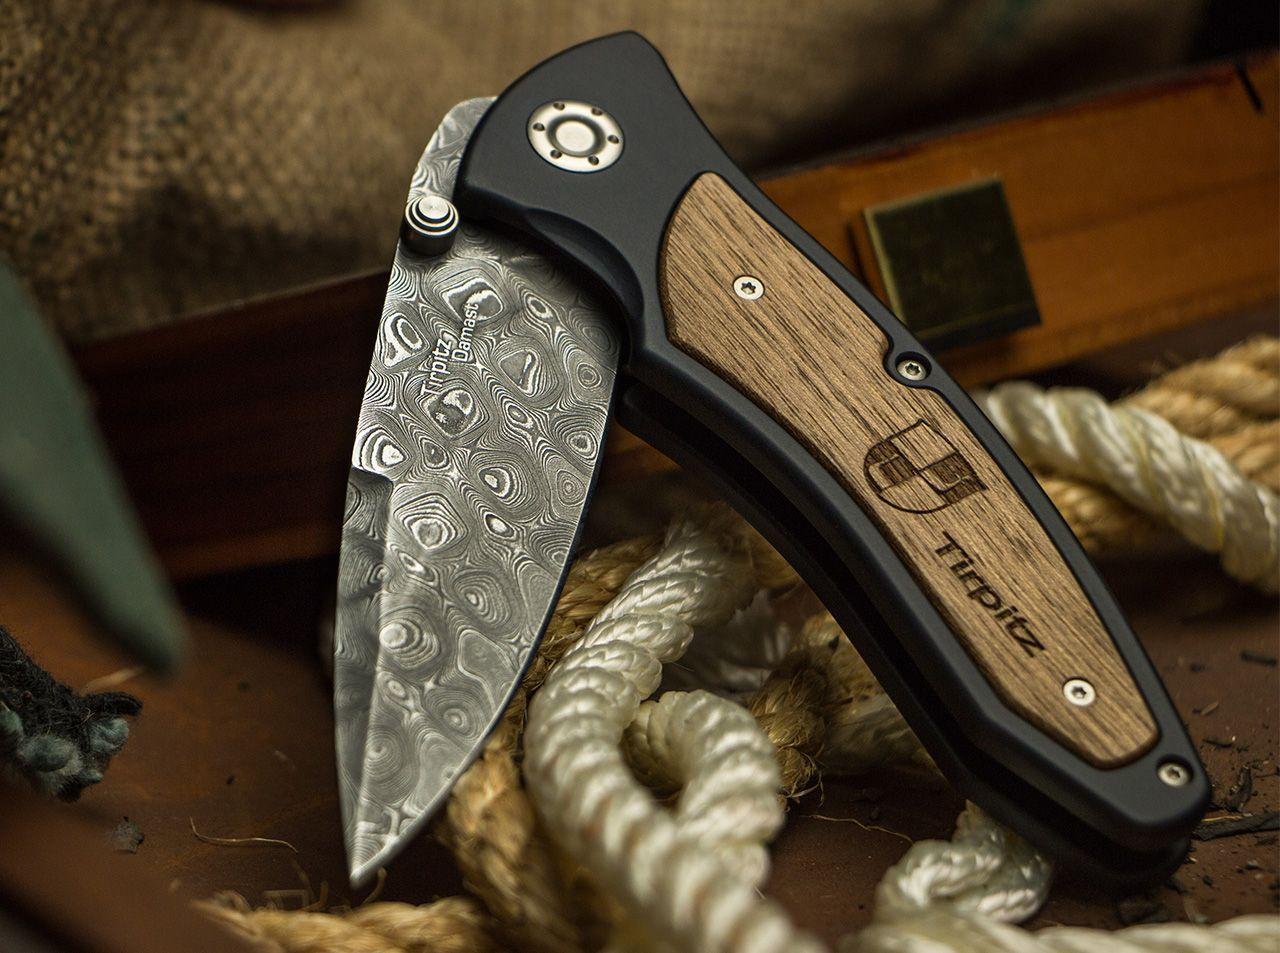 Фото 9 - Складной нож Tirpitz-Damascus Boker 110190DAM, дамасская сталь, рукоять алюминий/ореховое дерево